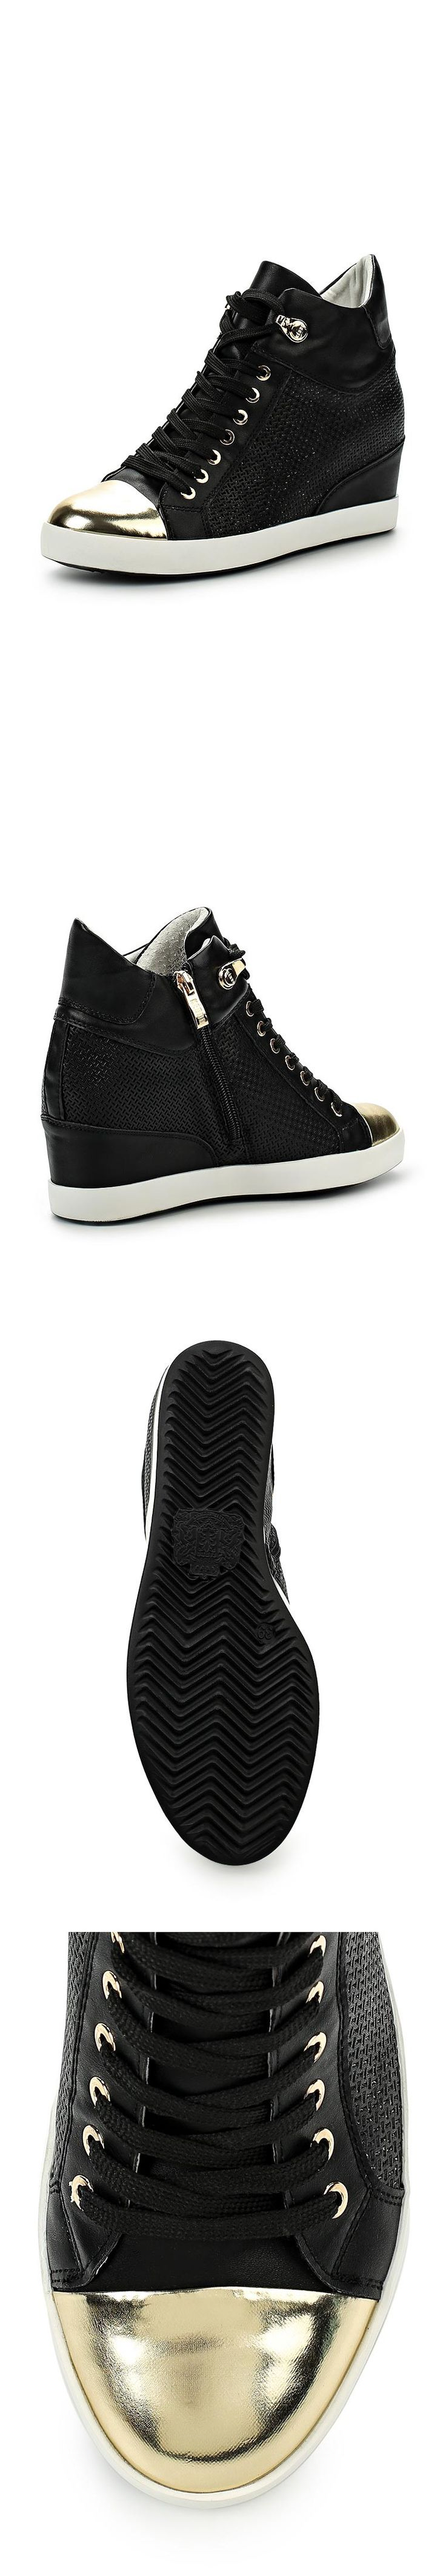 Женская обувь кеды на танкетке Keddo за 3210.00 руб.